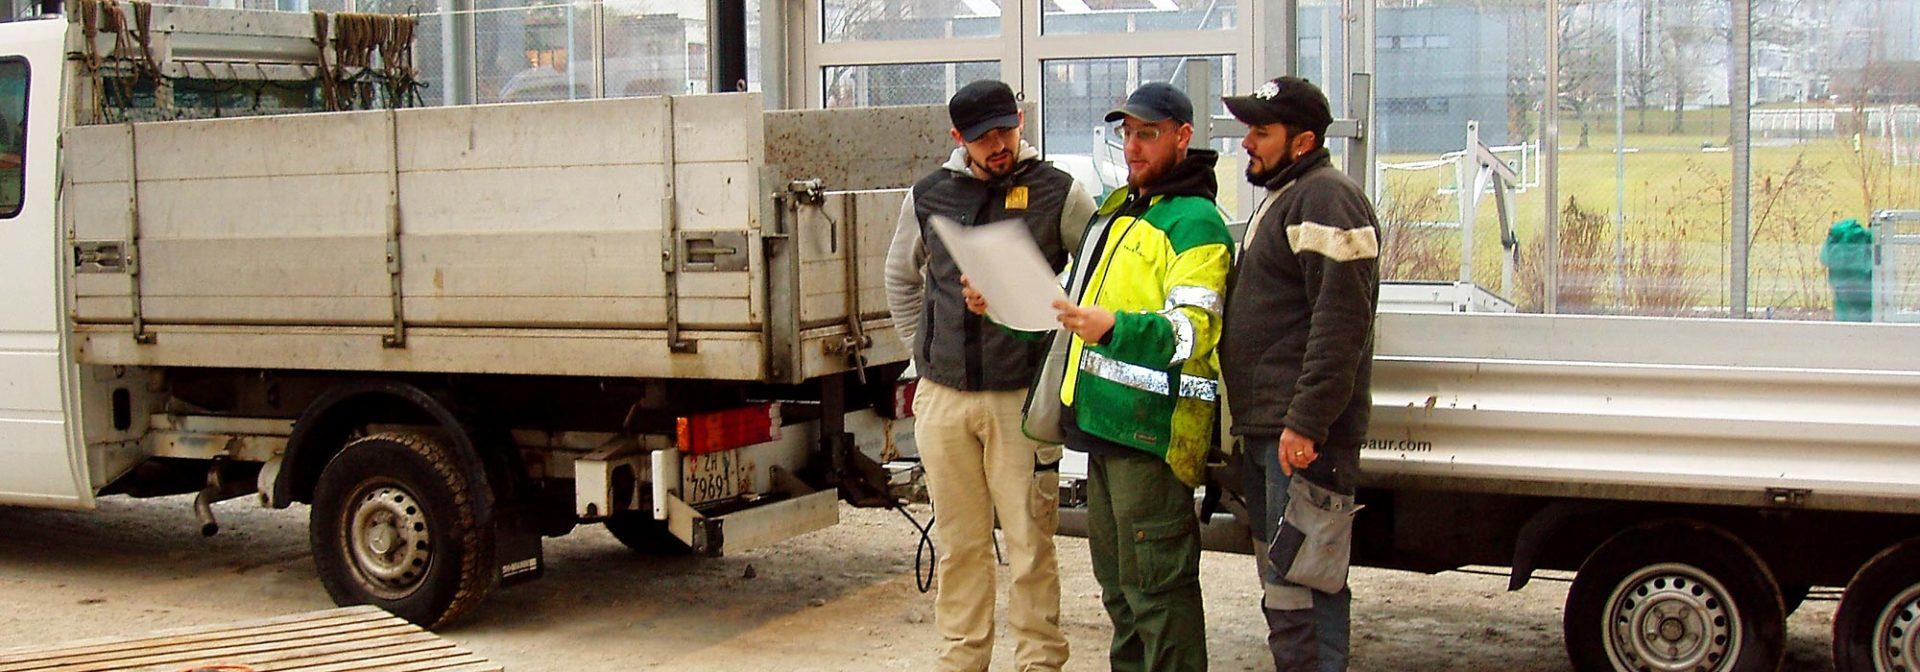 Vorbereitung Anhängerprüfung - JSZE - JardinSuisse Zentralschweiz - Gärtner aus Luzern, Ob- und Nidwalden, Schwyz, Uri und Zug